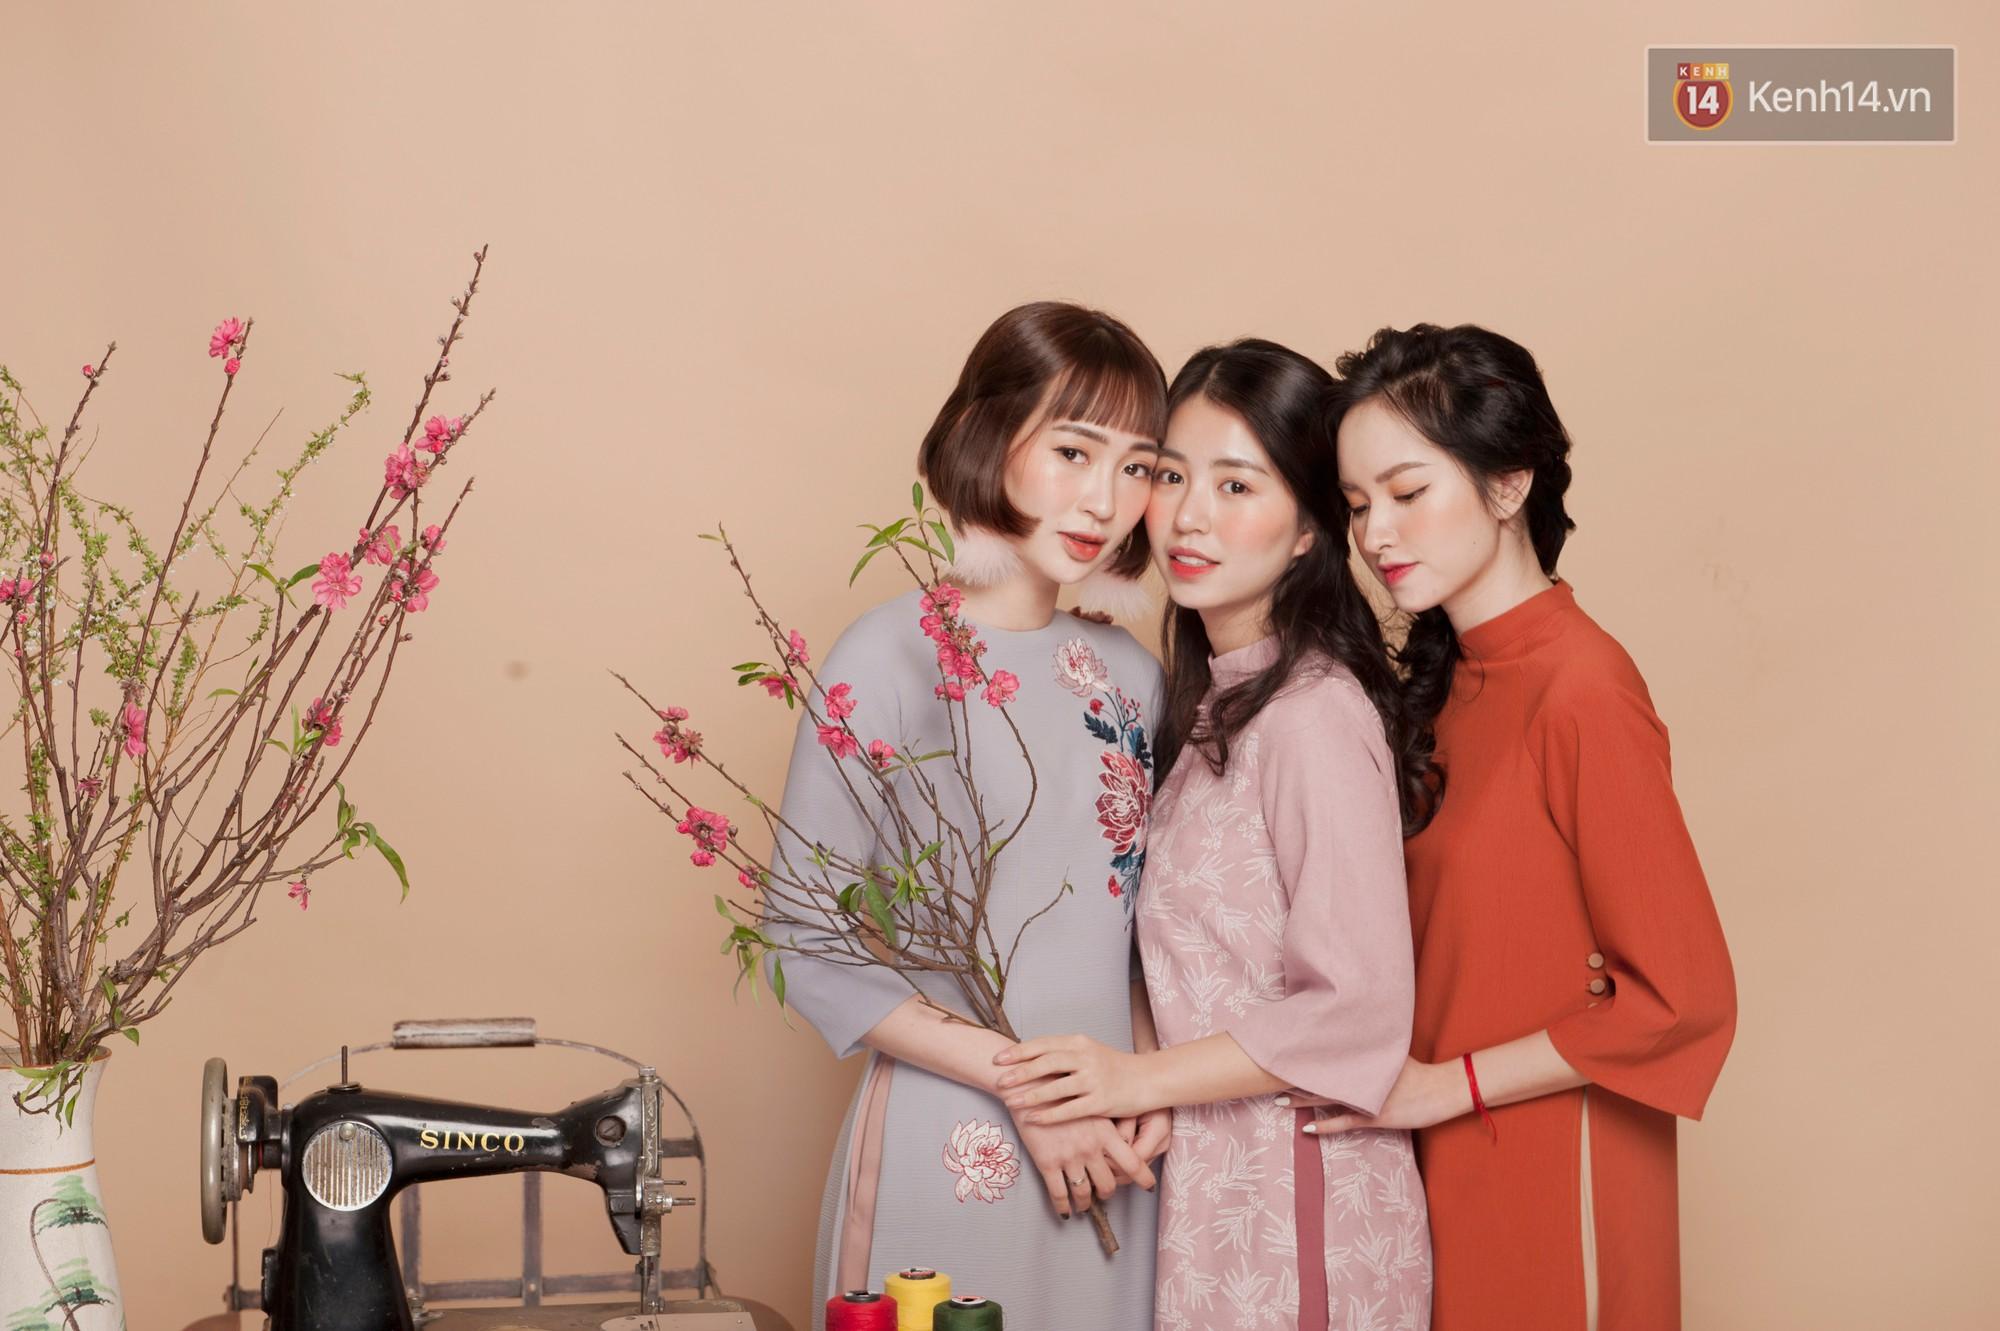 Tết này mặc áo dài: Sun HT, Mẫn Tiên, Lê Vi diện 15 mẫu áo dài cực xinh mà hẳn là bạn cũng đang cần tìm mua chúng